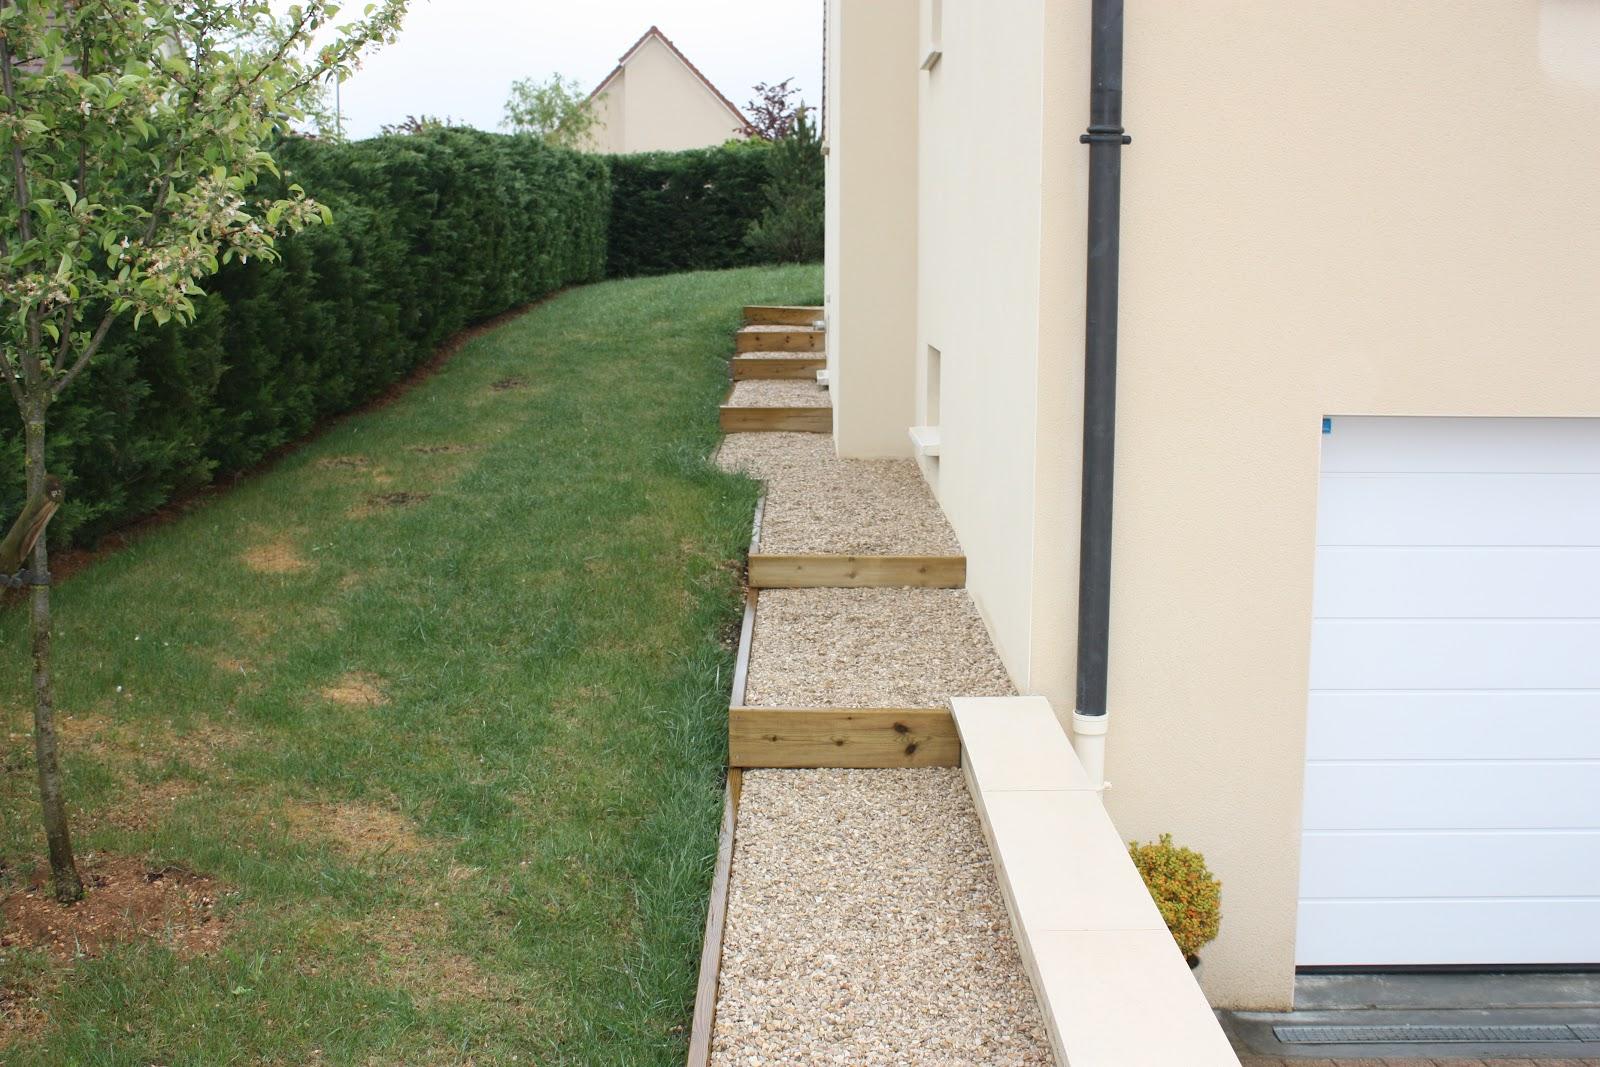 Jardins secrets terrasses bois for Amenagement autour maison